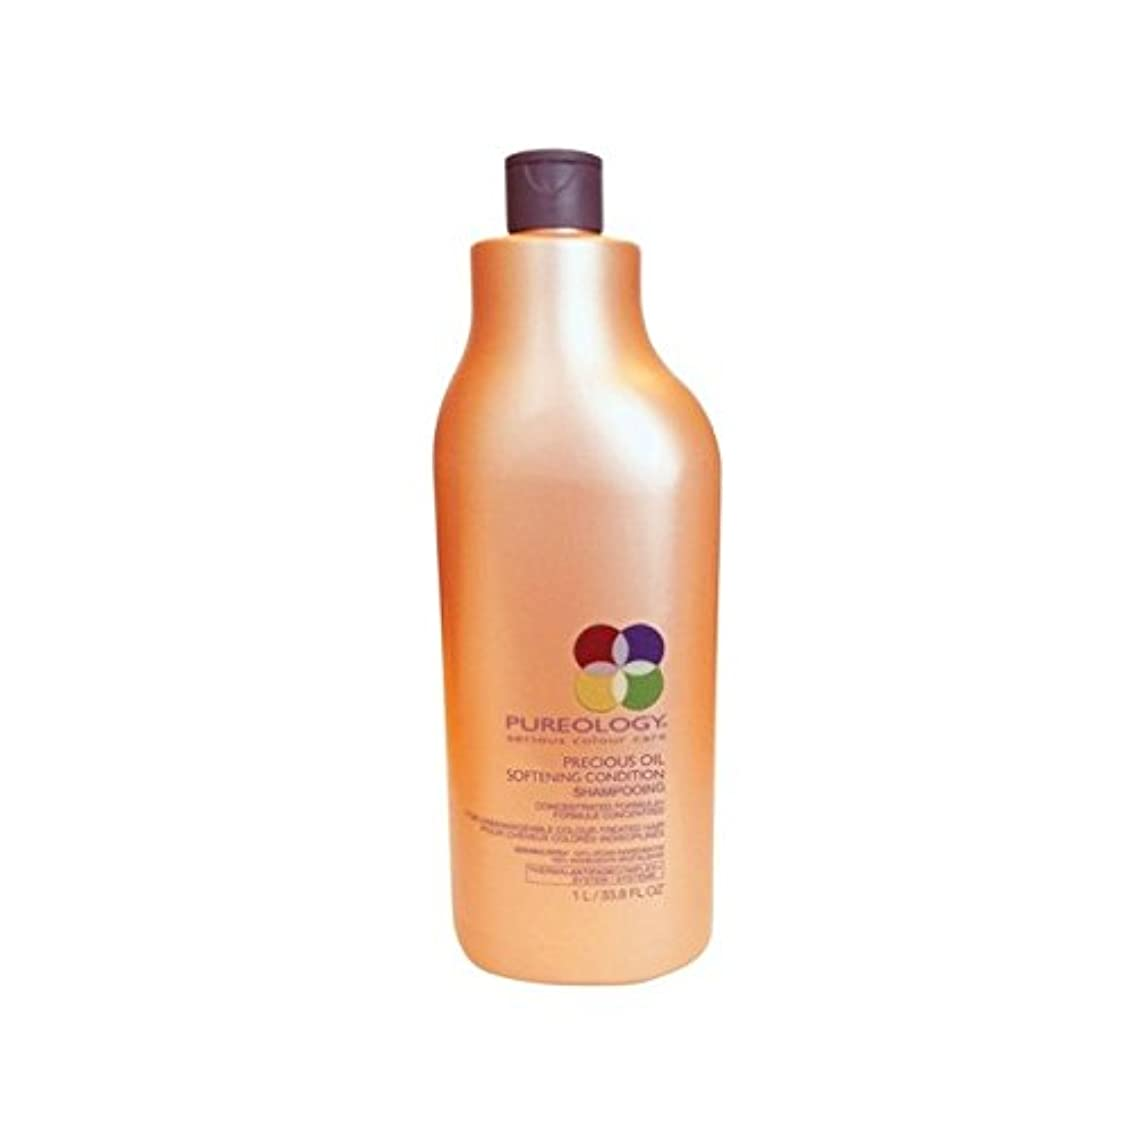 話す暗唱する窒息させる貴重なオイルコンディショナー(千ミリリットル) x2 - Pureology Precious Oil Conditioner (1000ml) (Pack of 2) [並行輸入品]